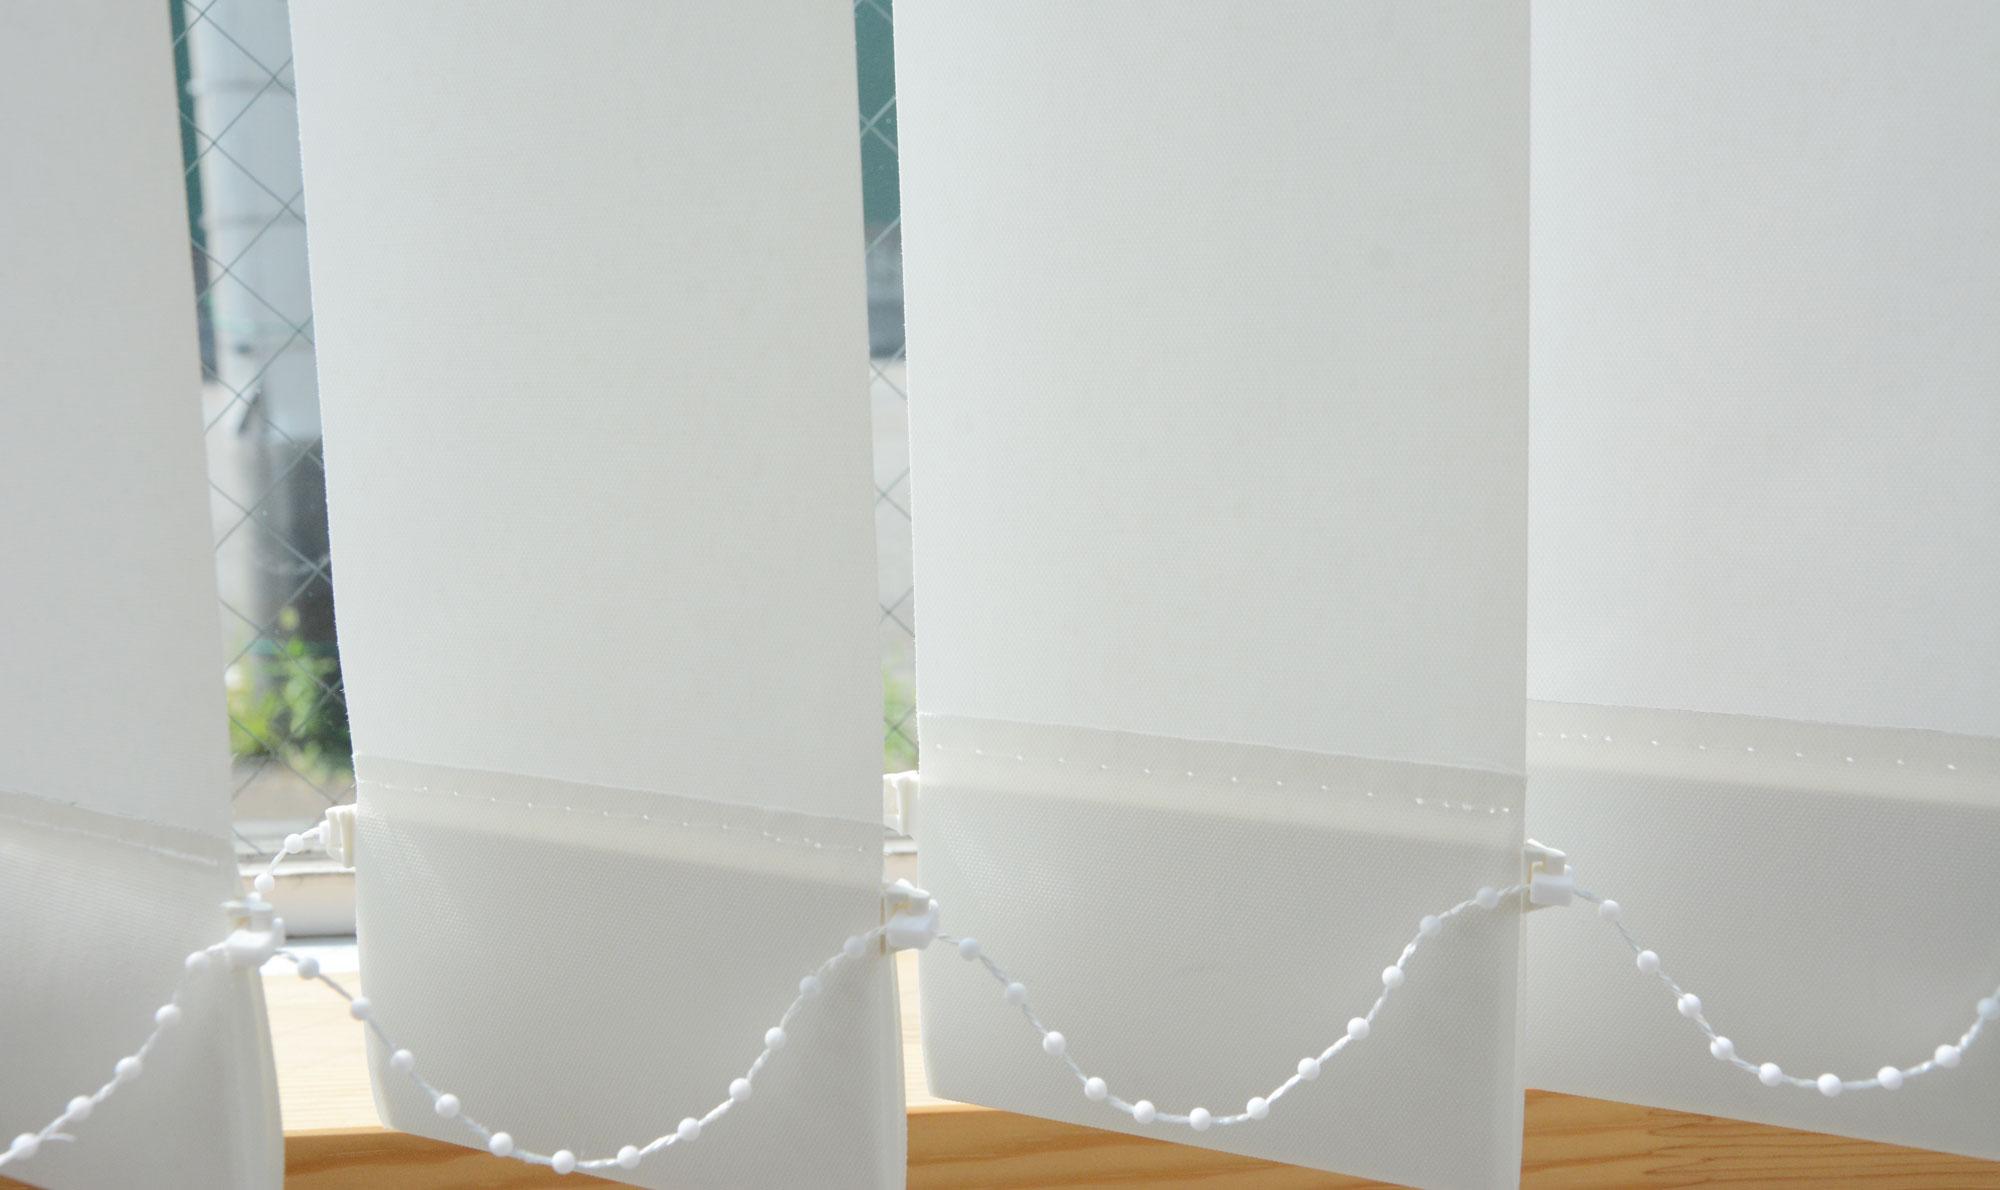 E-comfortがお届けする良コスパの縦型ブラインド バーチカルブラインド.jp